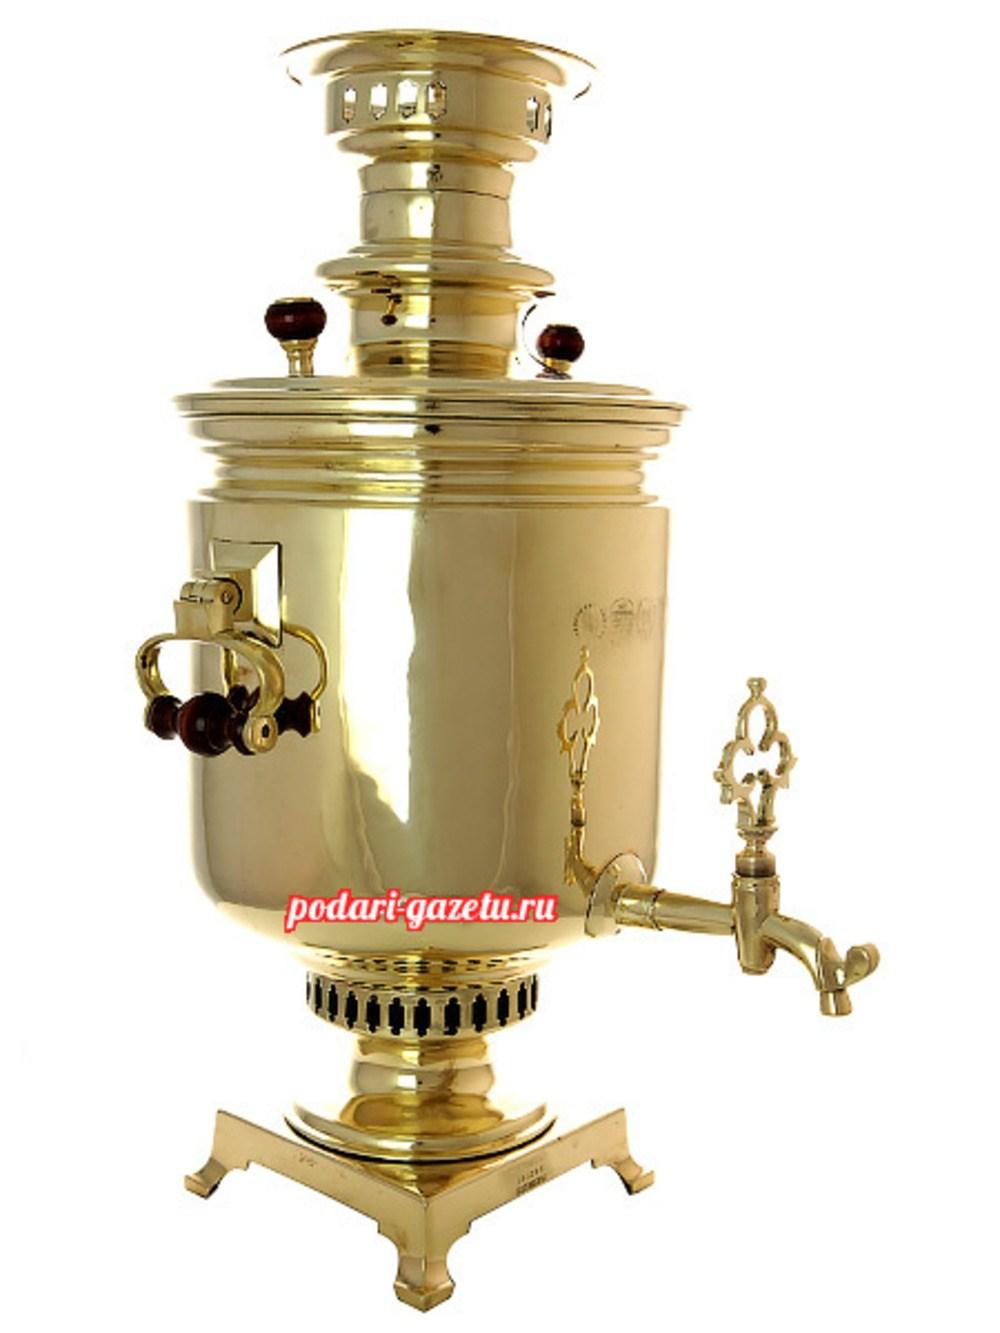 Угольный самовар (жаровой, дровяной) (8 литров) желтый цилиндр